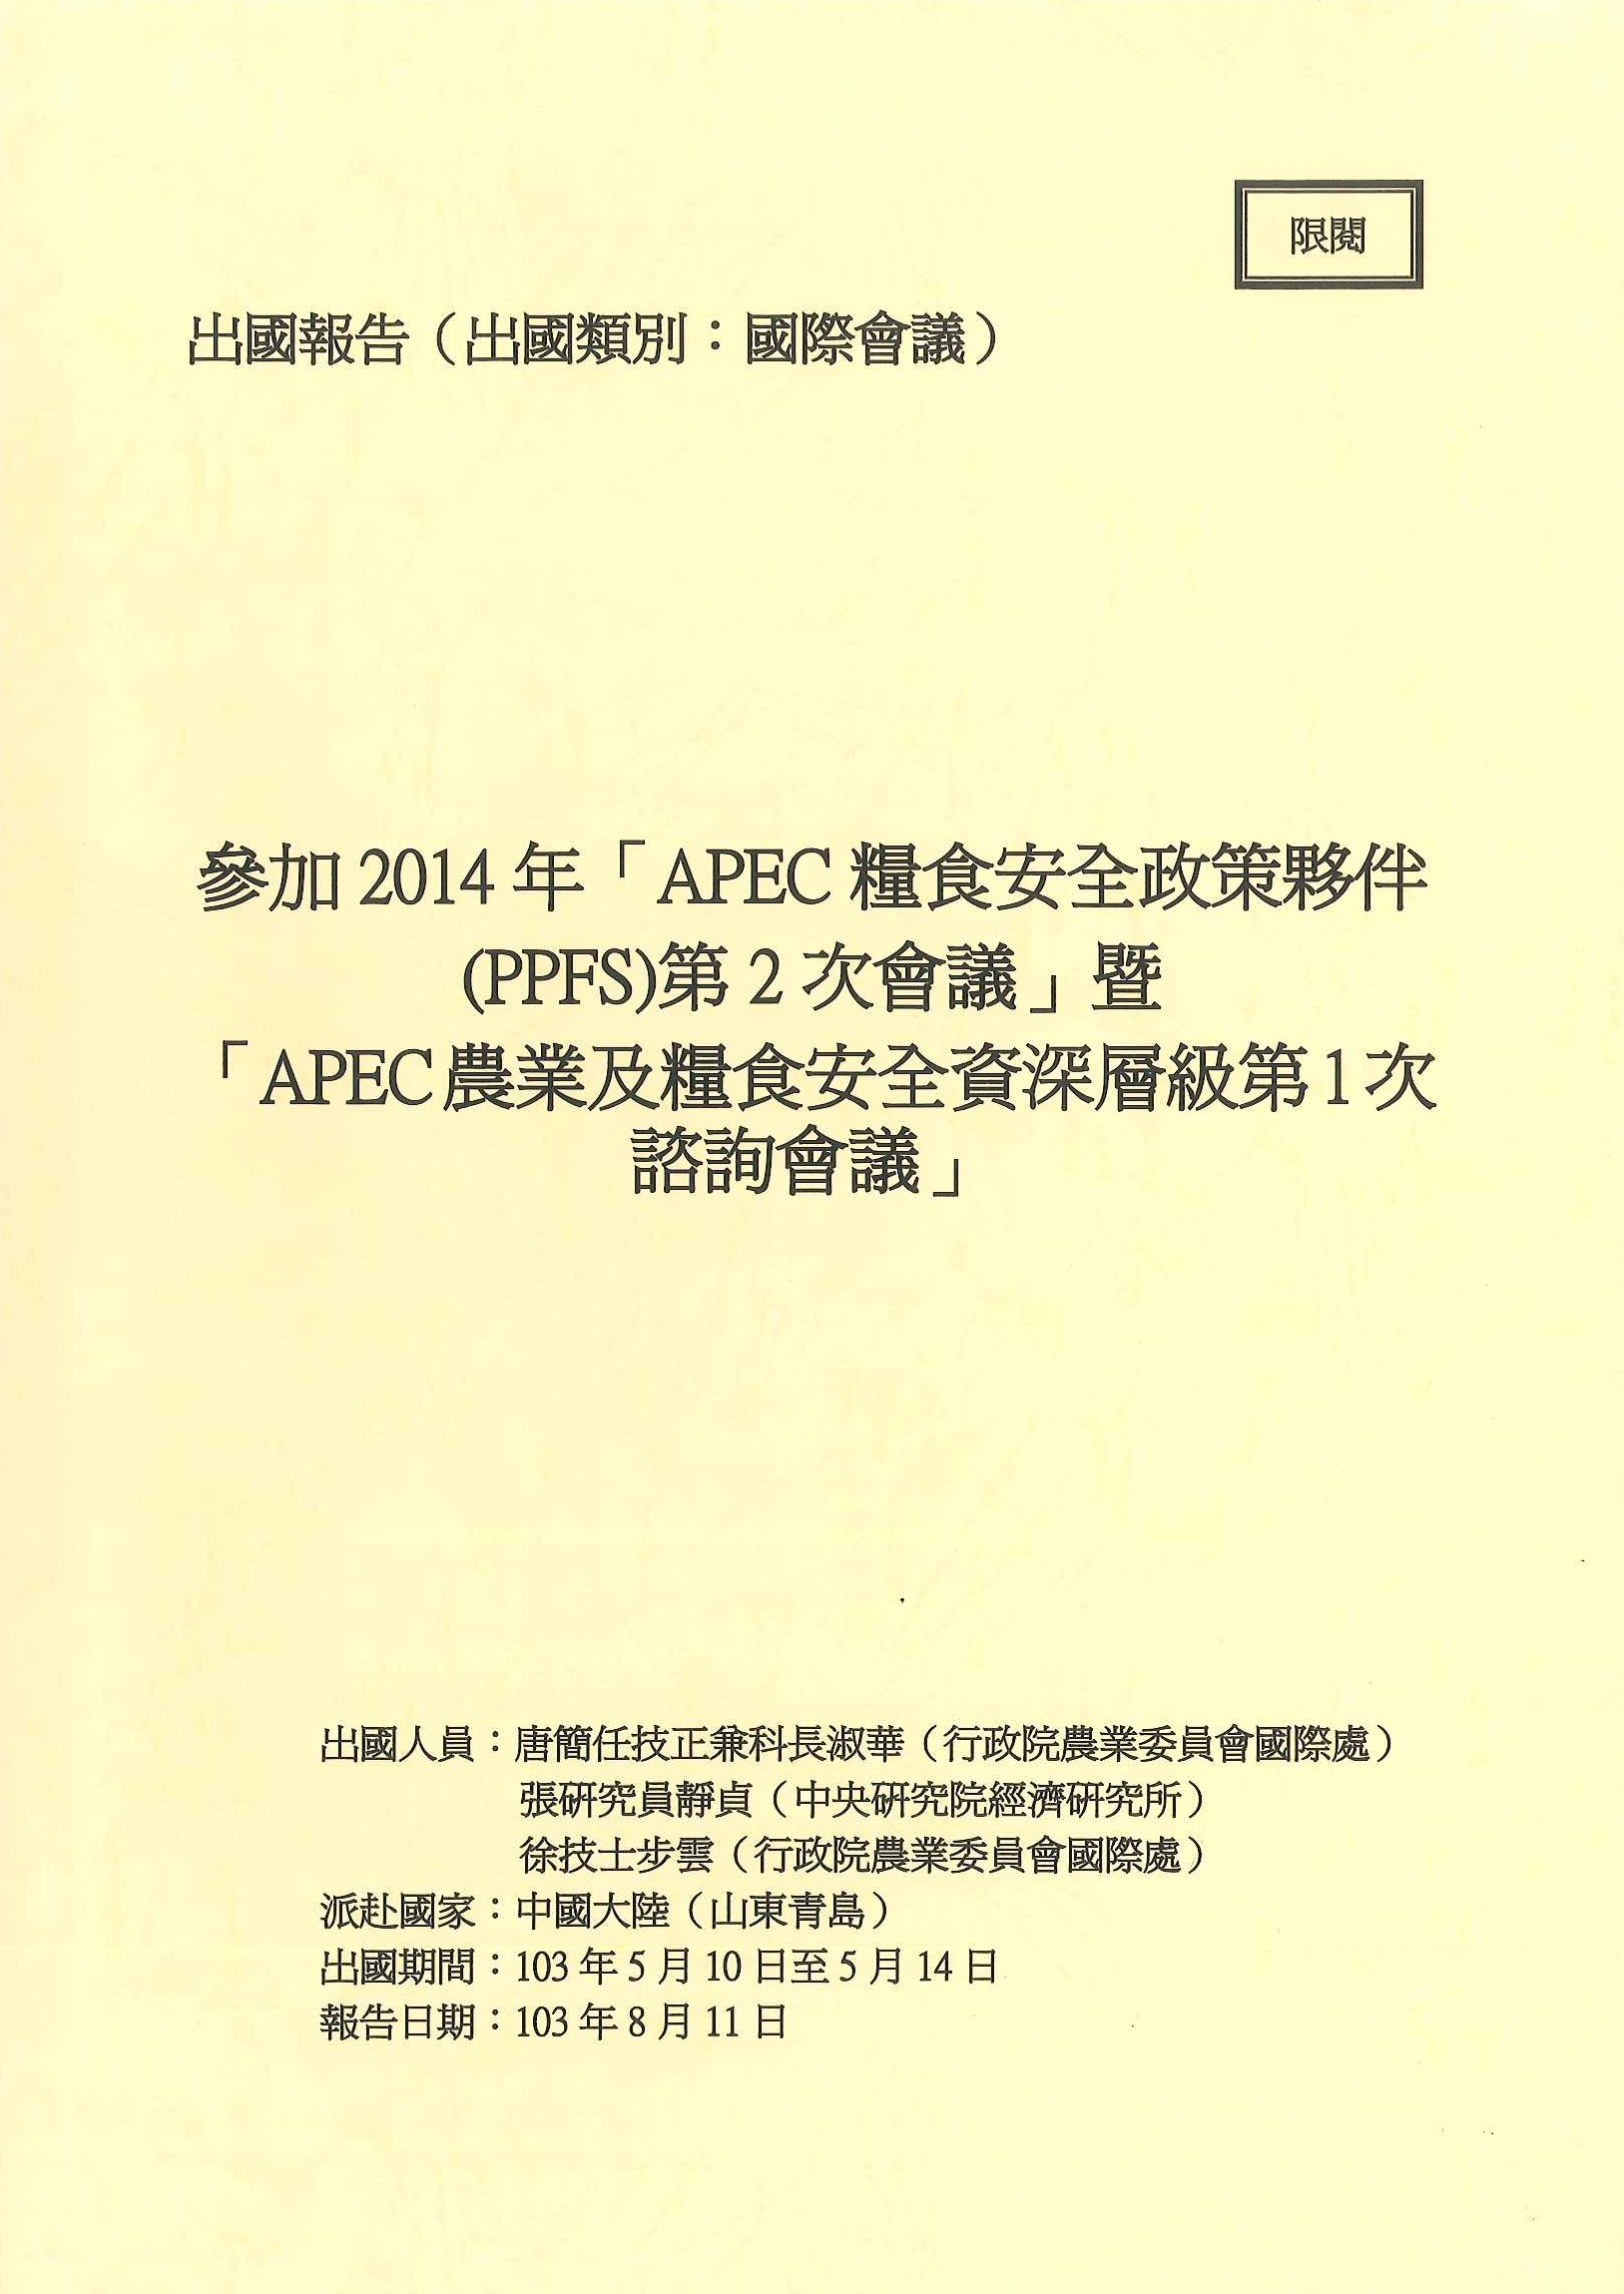 參加2014年「APEC糧食安全政策夥伴(PPFS)第2次會議」暨「APEC農業及糧食安全資深層級第1次諮詢會議」